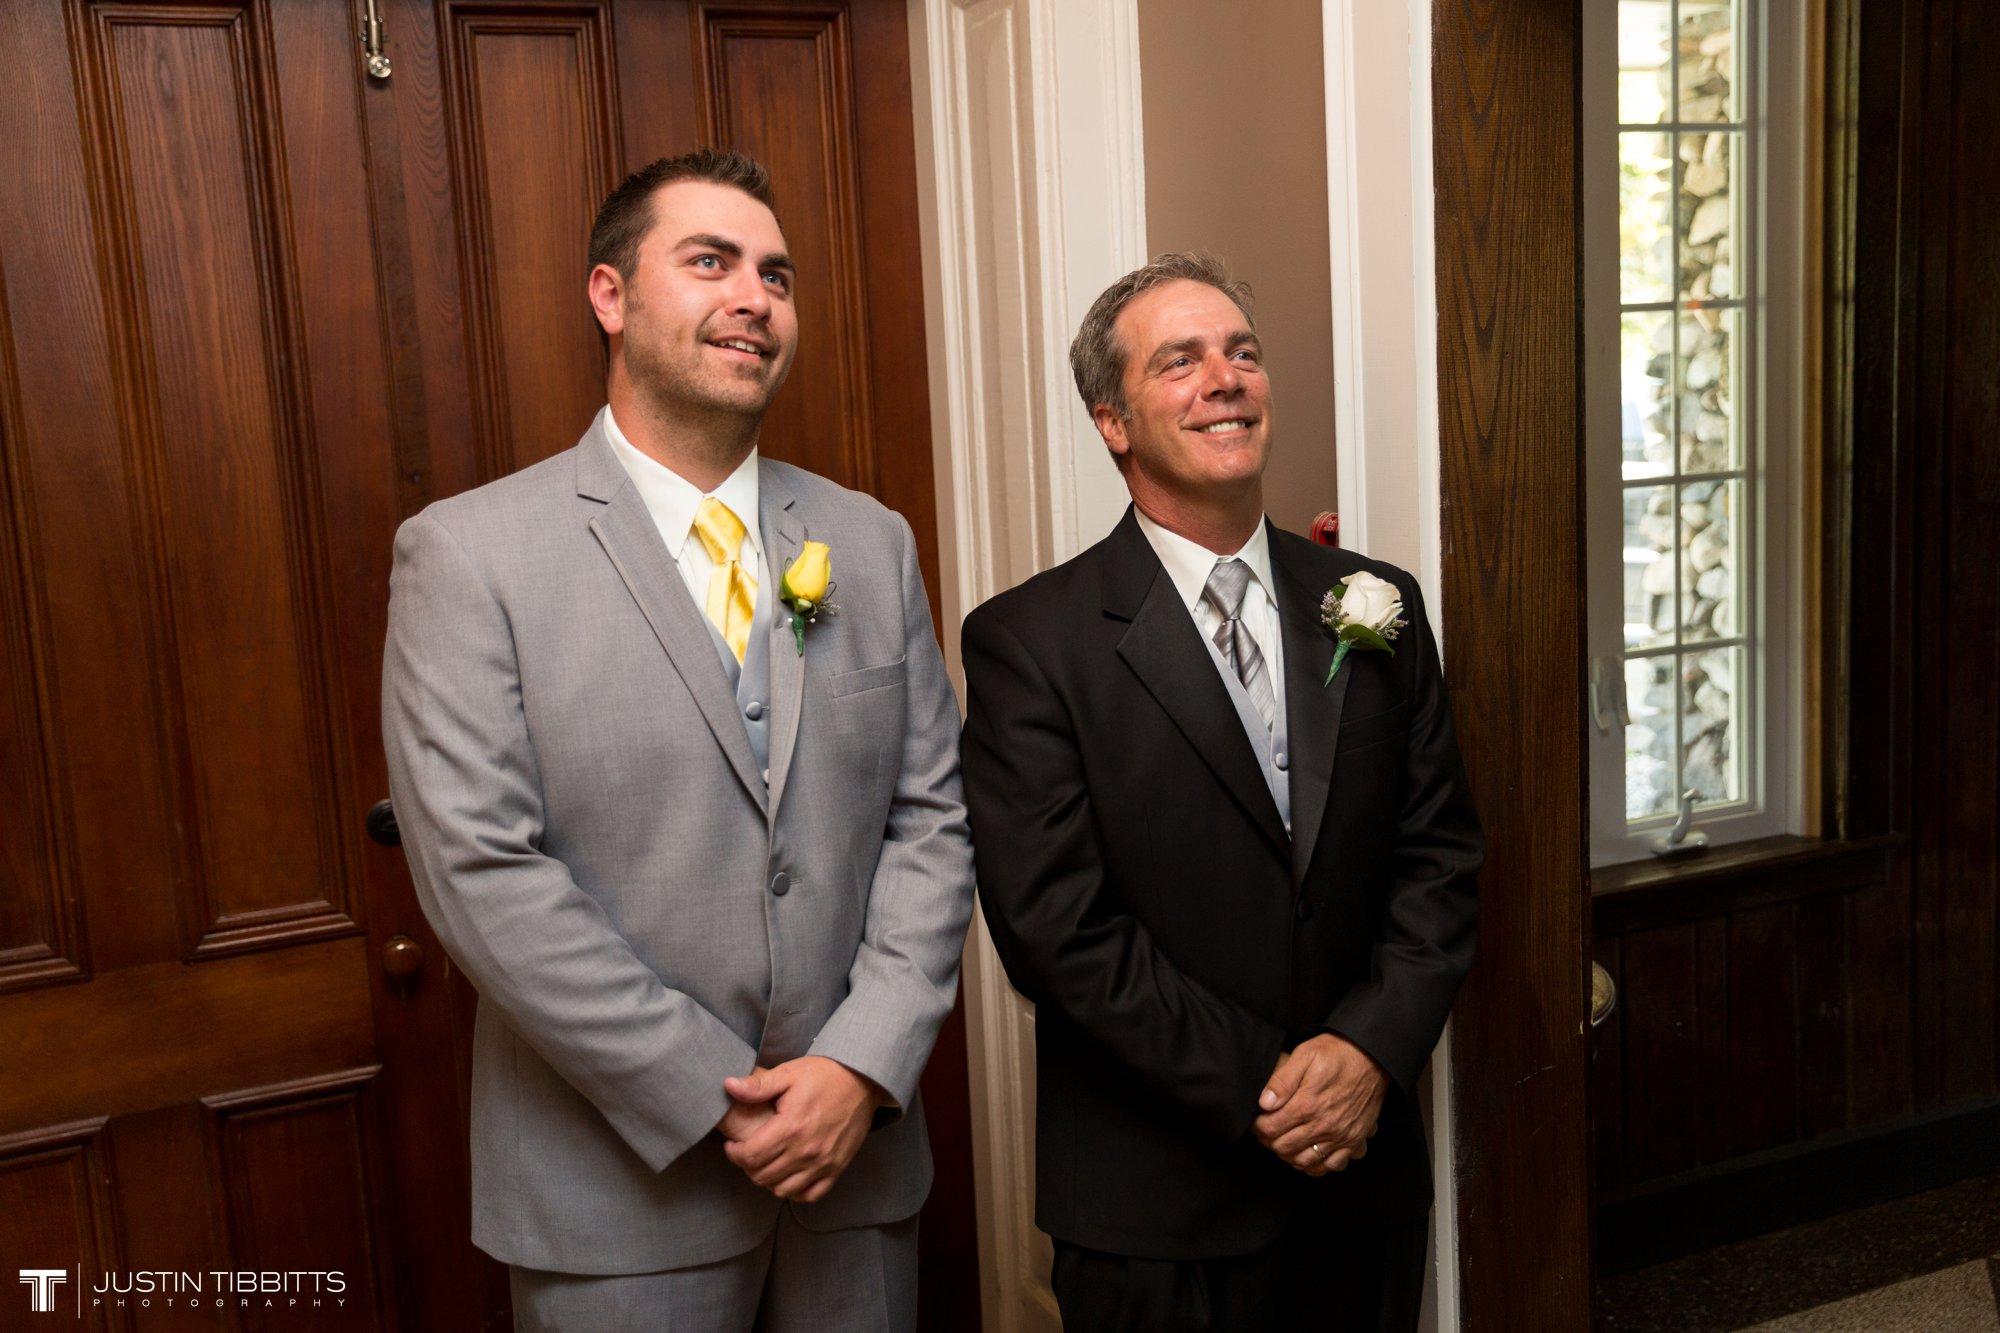 Albany NY Wedding Photographer Justin Tibbitts Photography 2014 Best of Albany NY Weddings-8014733